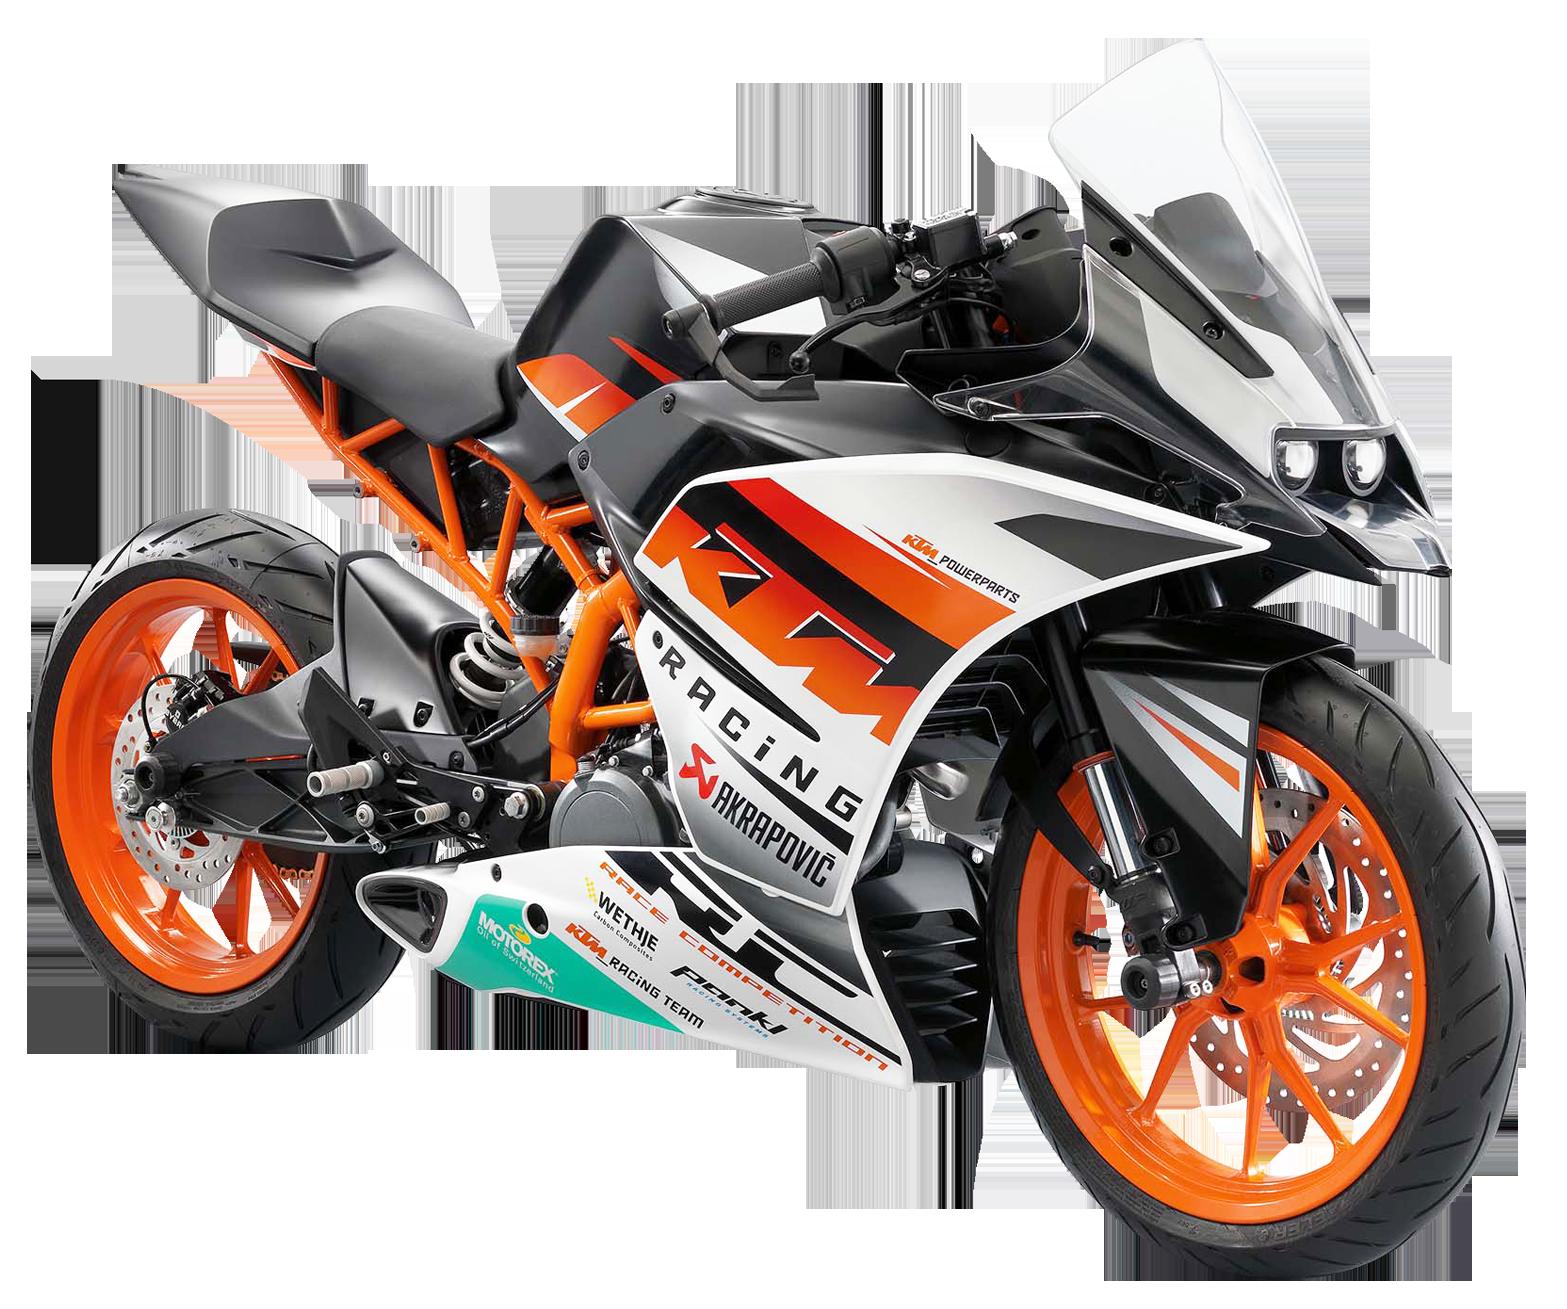 KTM RC390 Motorcycle Bike PNG Image - Bikers PNG HD